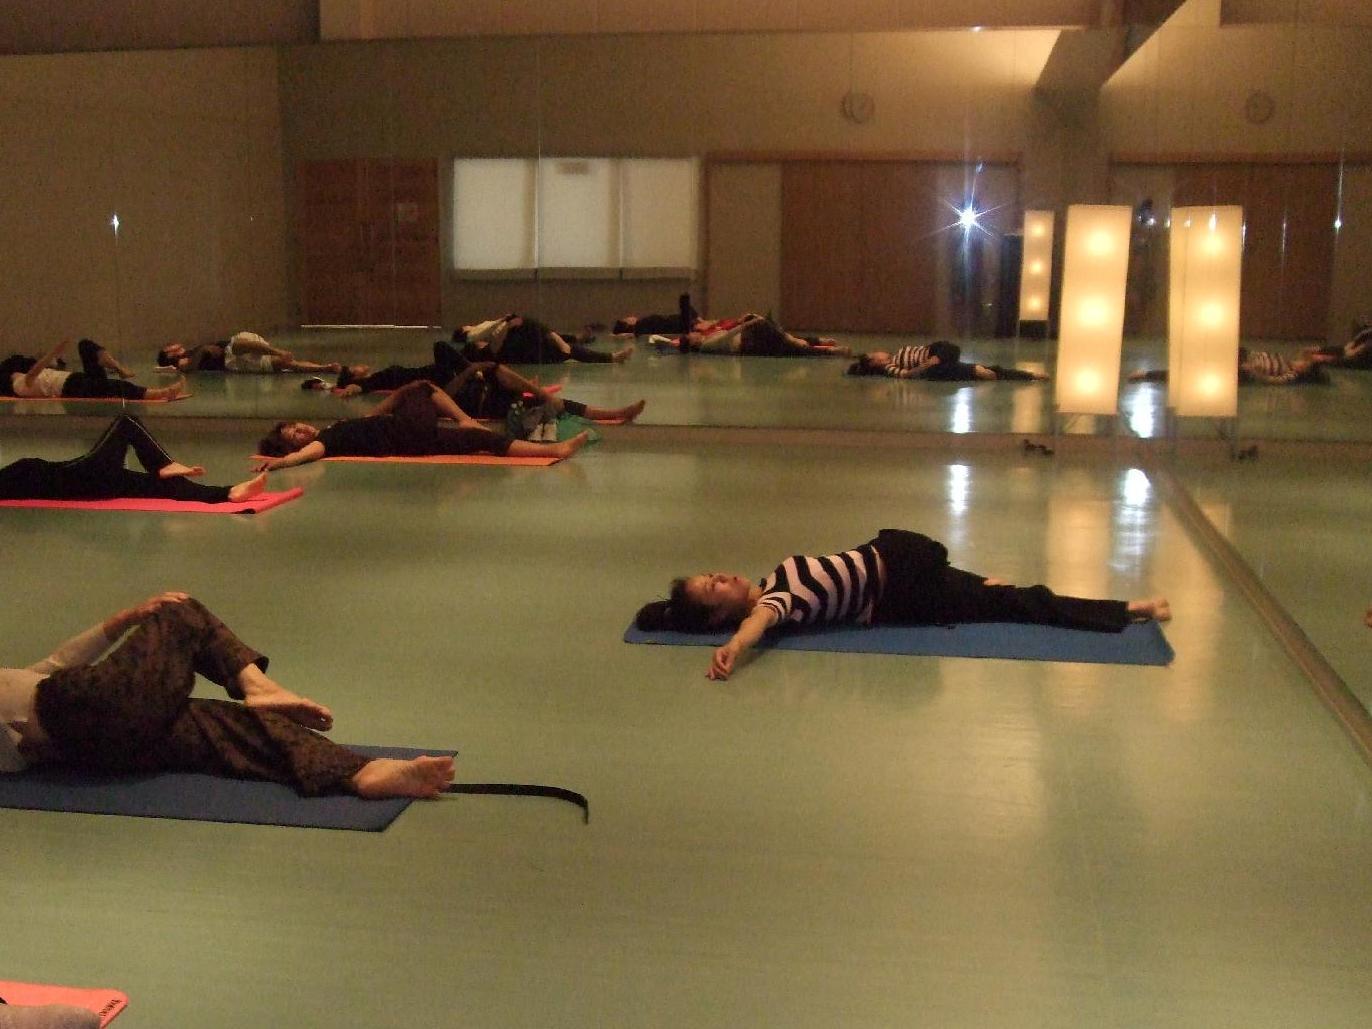 esty yoga(エスティヨガ) - 大橋(オオハシ)さんの写真